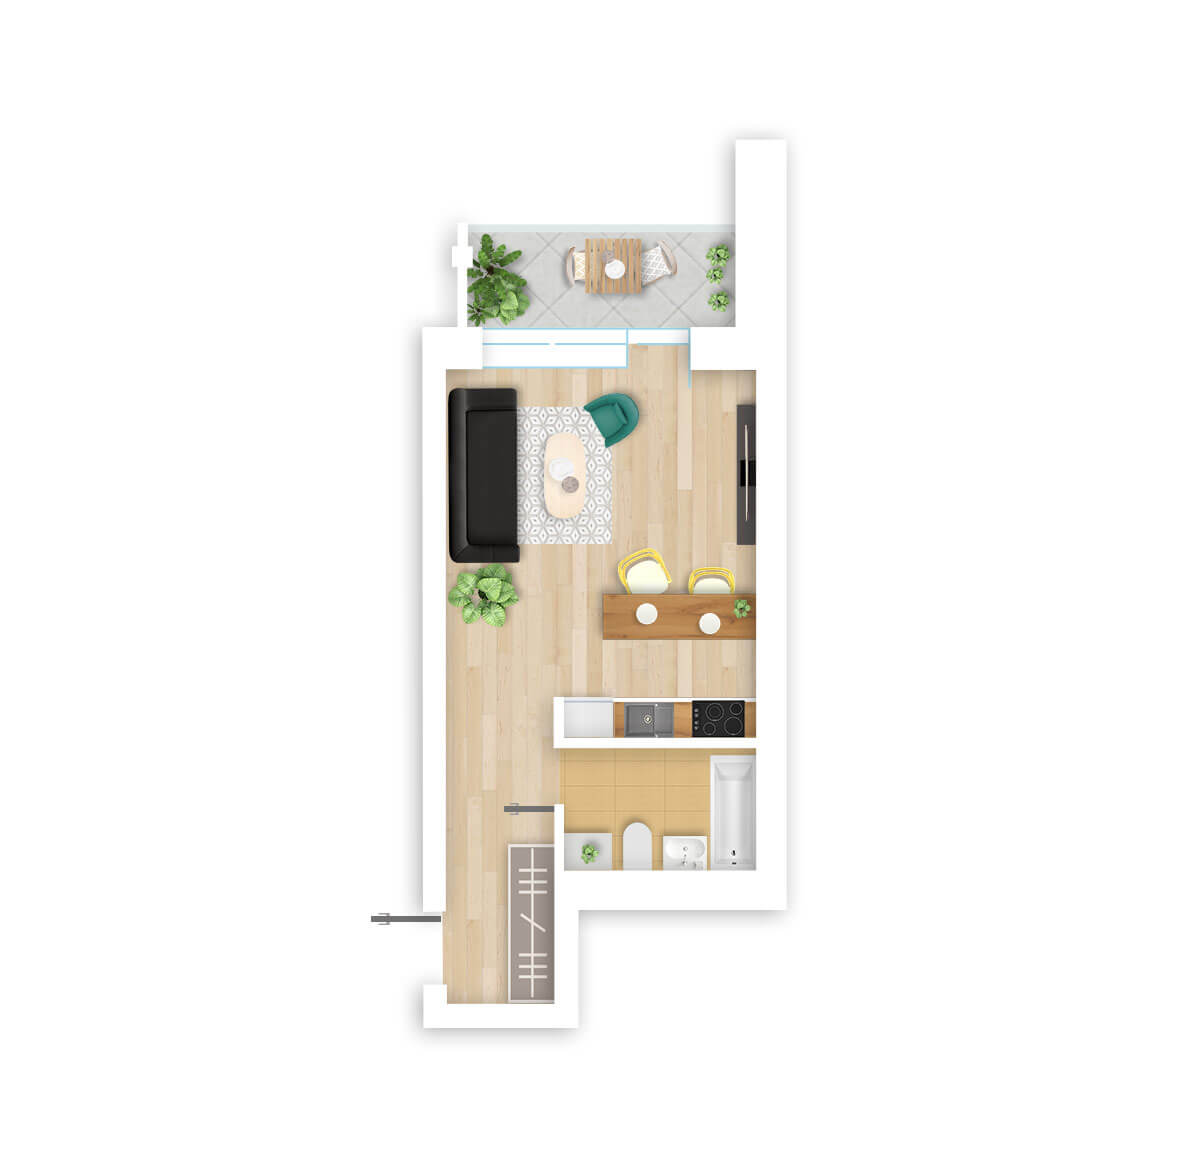 parduodamas butas Lazdynėlių g. 16A - 11 Vilniuje, buto 3D vaizdas